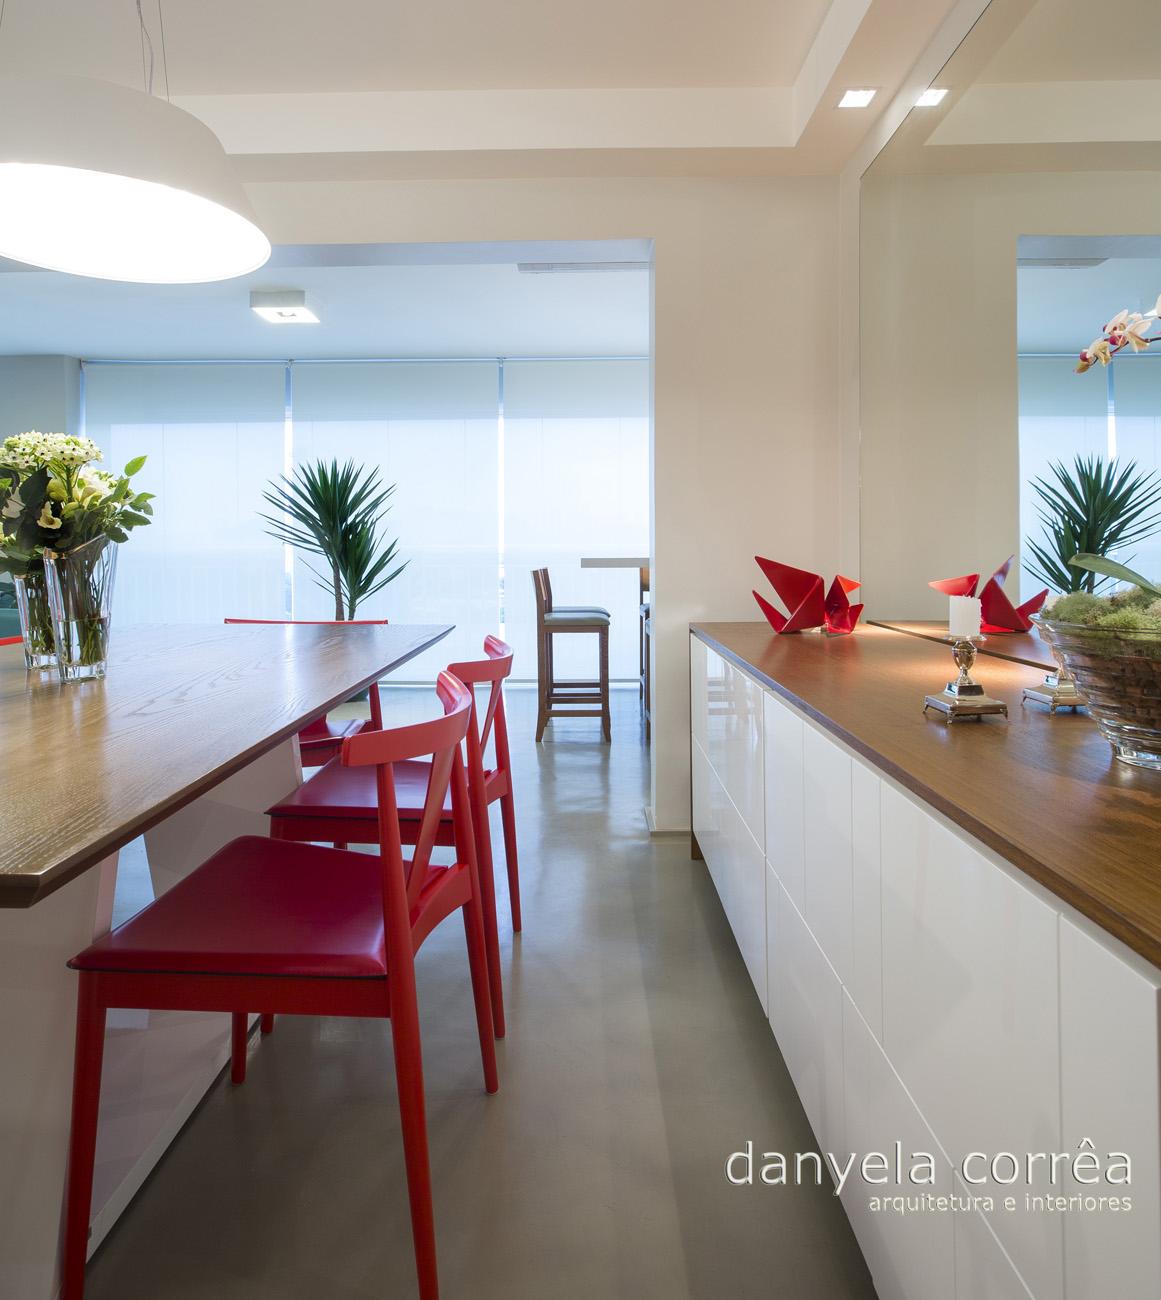 Apartamento Danyela Corr A Arquitetura E Interiores ~ Quarto Com Varanda Integrada E Prateleira Quarto Menina